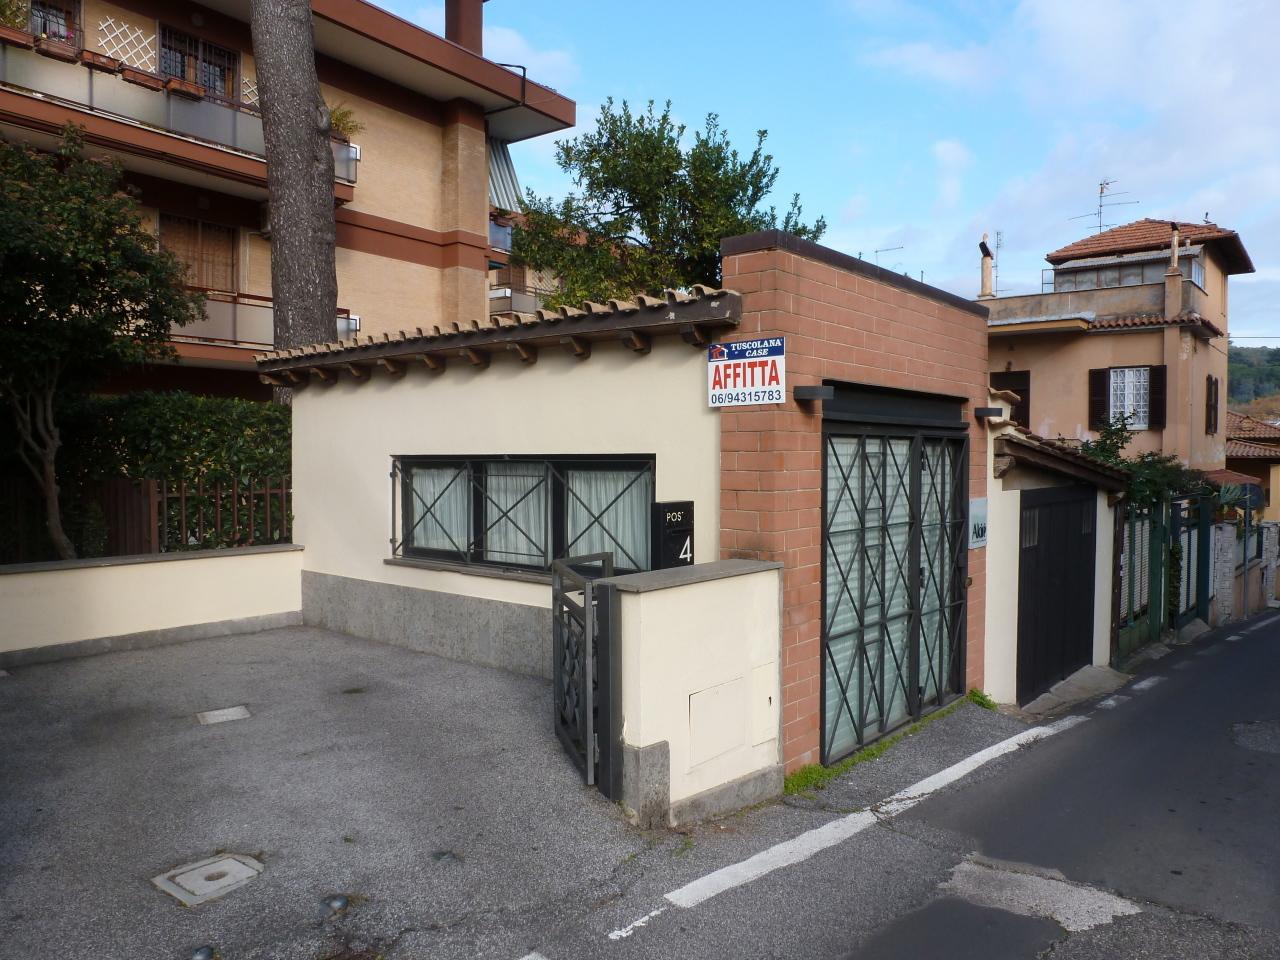 Negozio / Locale in affitto a Grottaferrata, 1 locali, prezzo € 400 | Cambio Casa.it